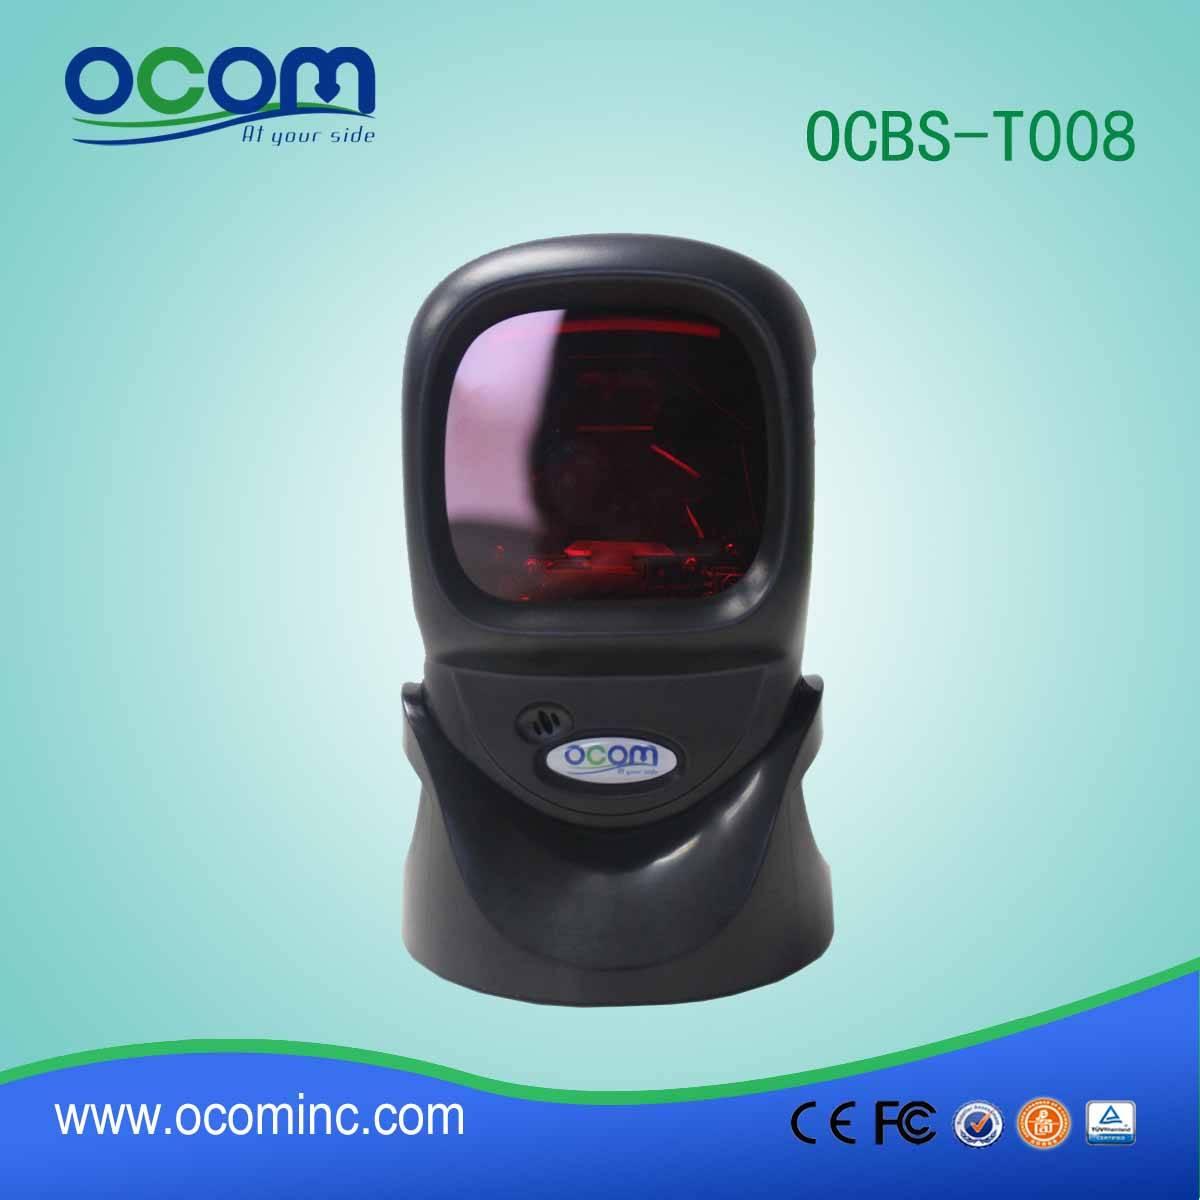 Omni directional 20 line supermarket barcode scanner